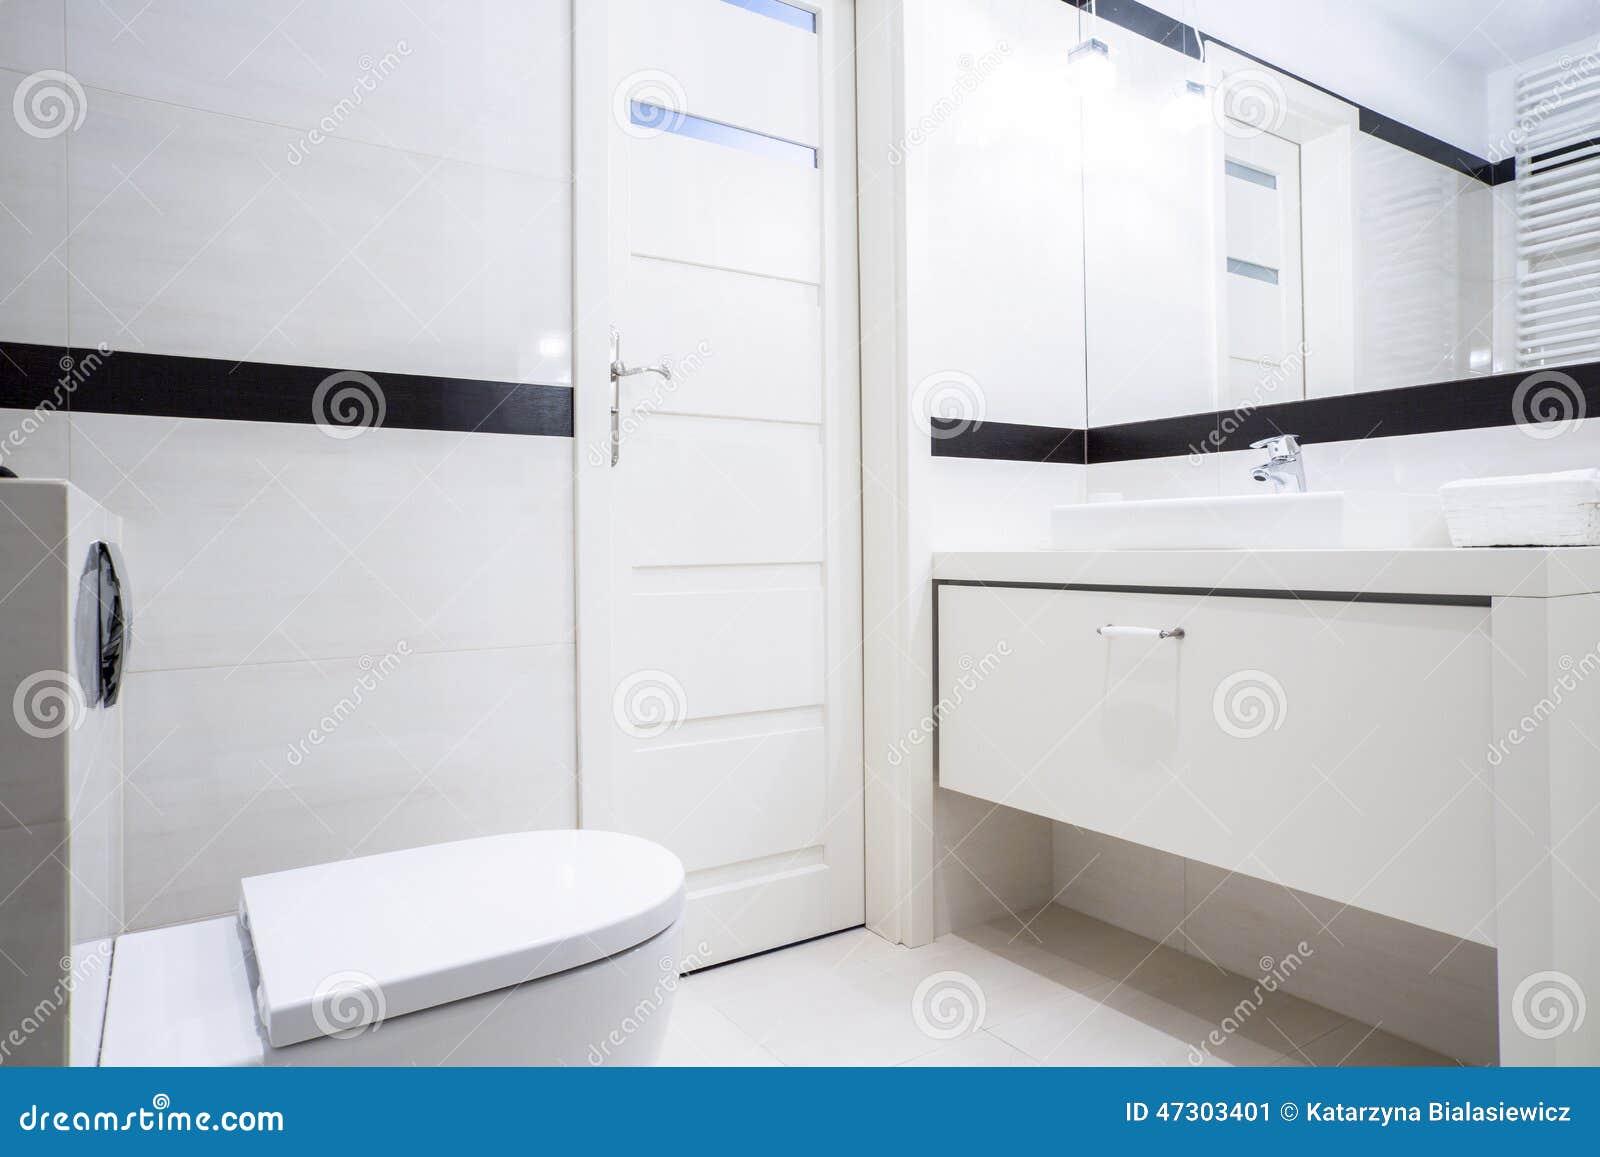 petite salle de bains noire et blanche photo stock image 47303401. Black Bedroom Furniture Sets. Home Design Ideas